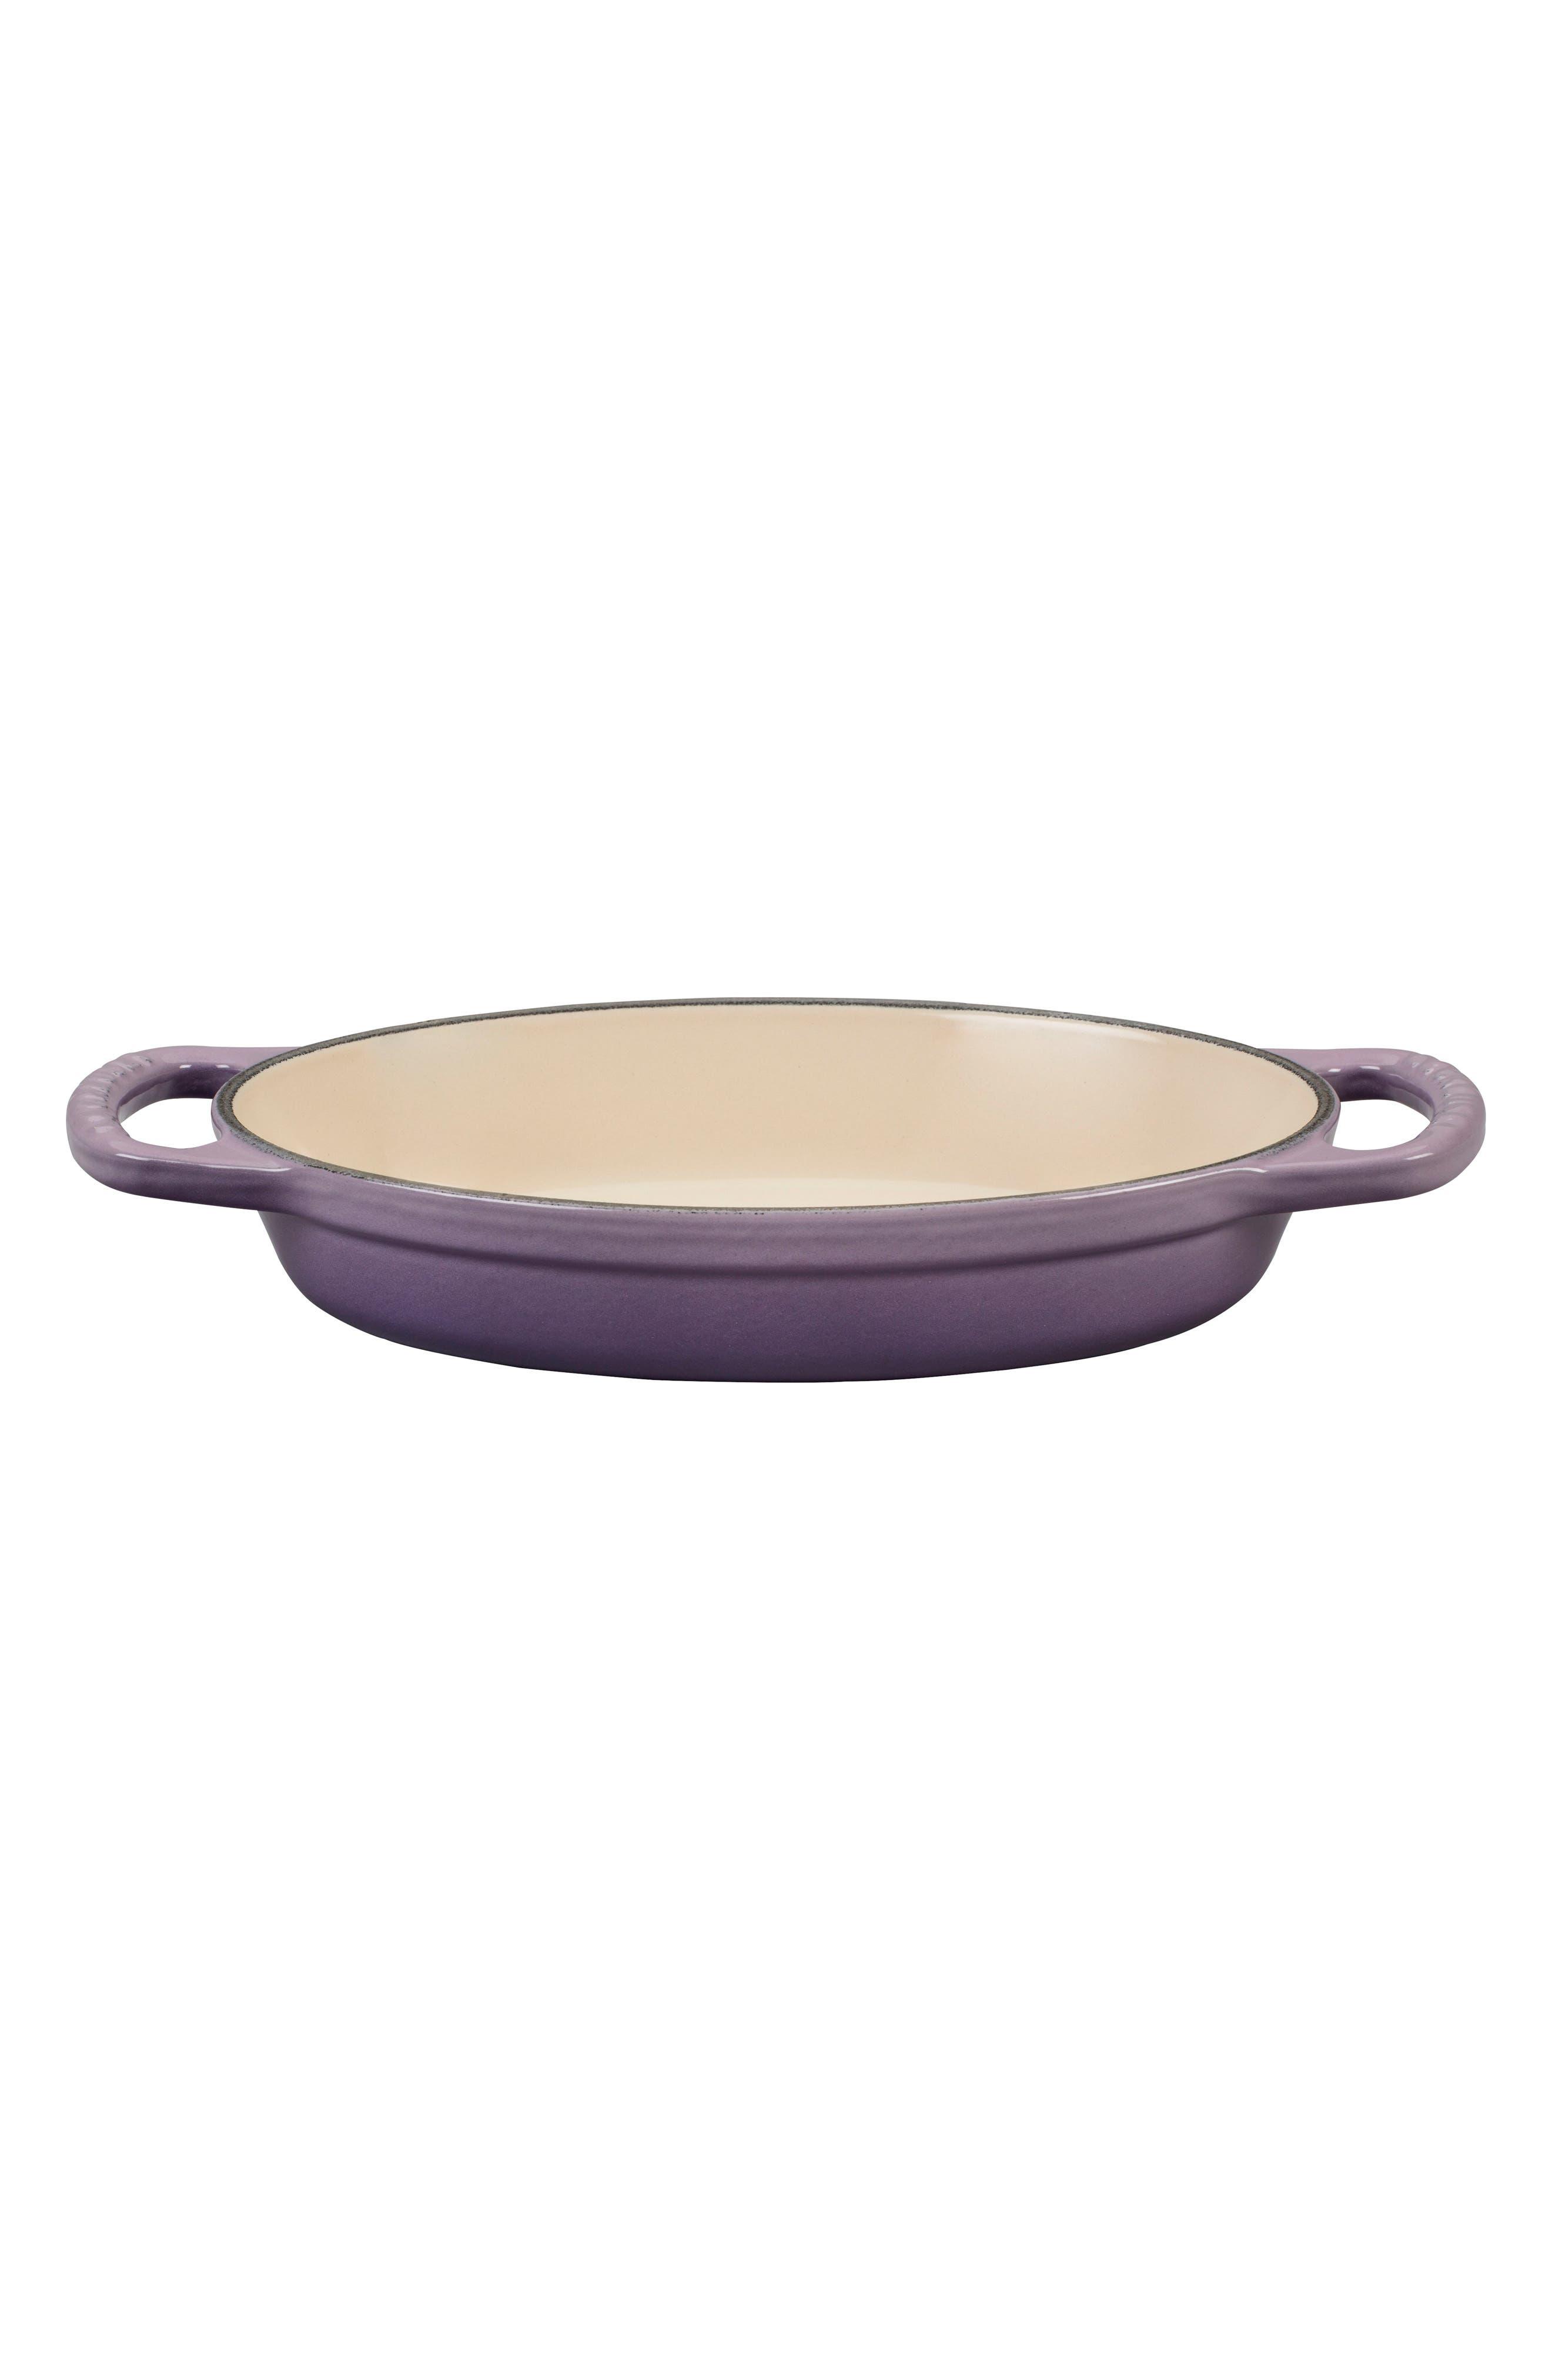 LE CREUSET Signature 6-Quart Oval Baker, Main, color, 500